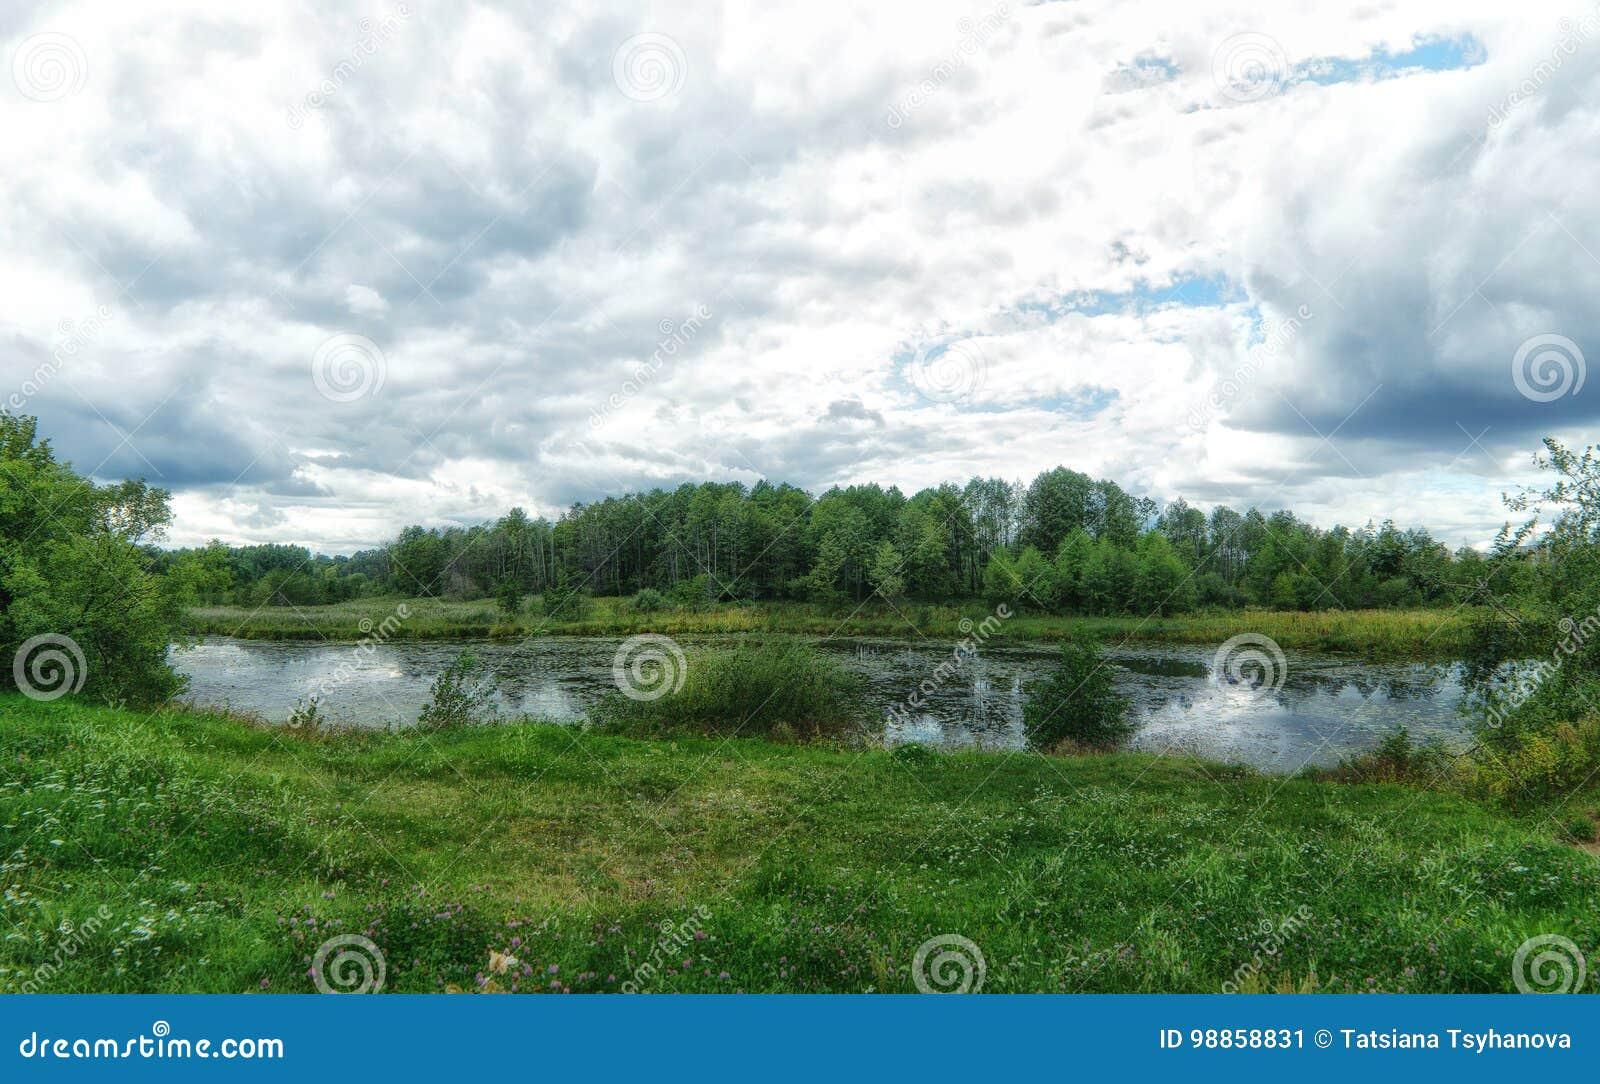 Woodland bog. Clouds sky. Green landscape. Colorful trees.